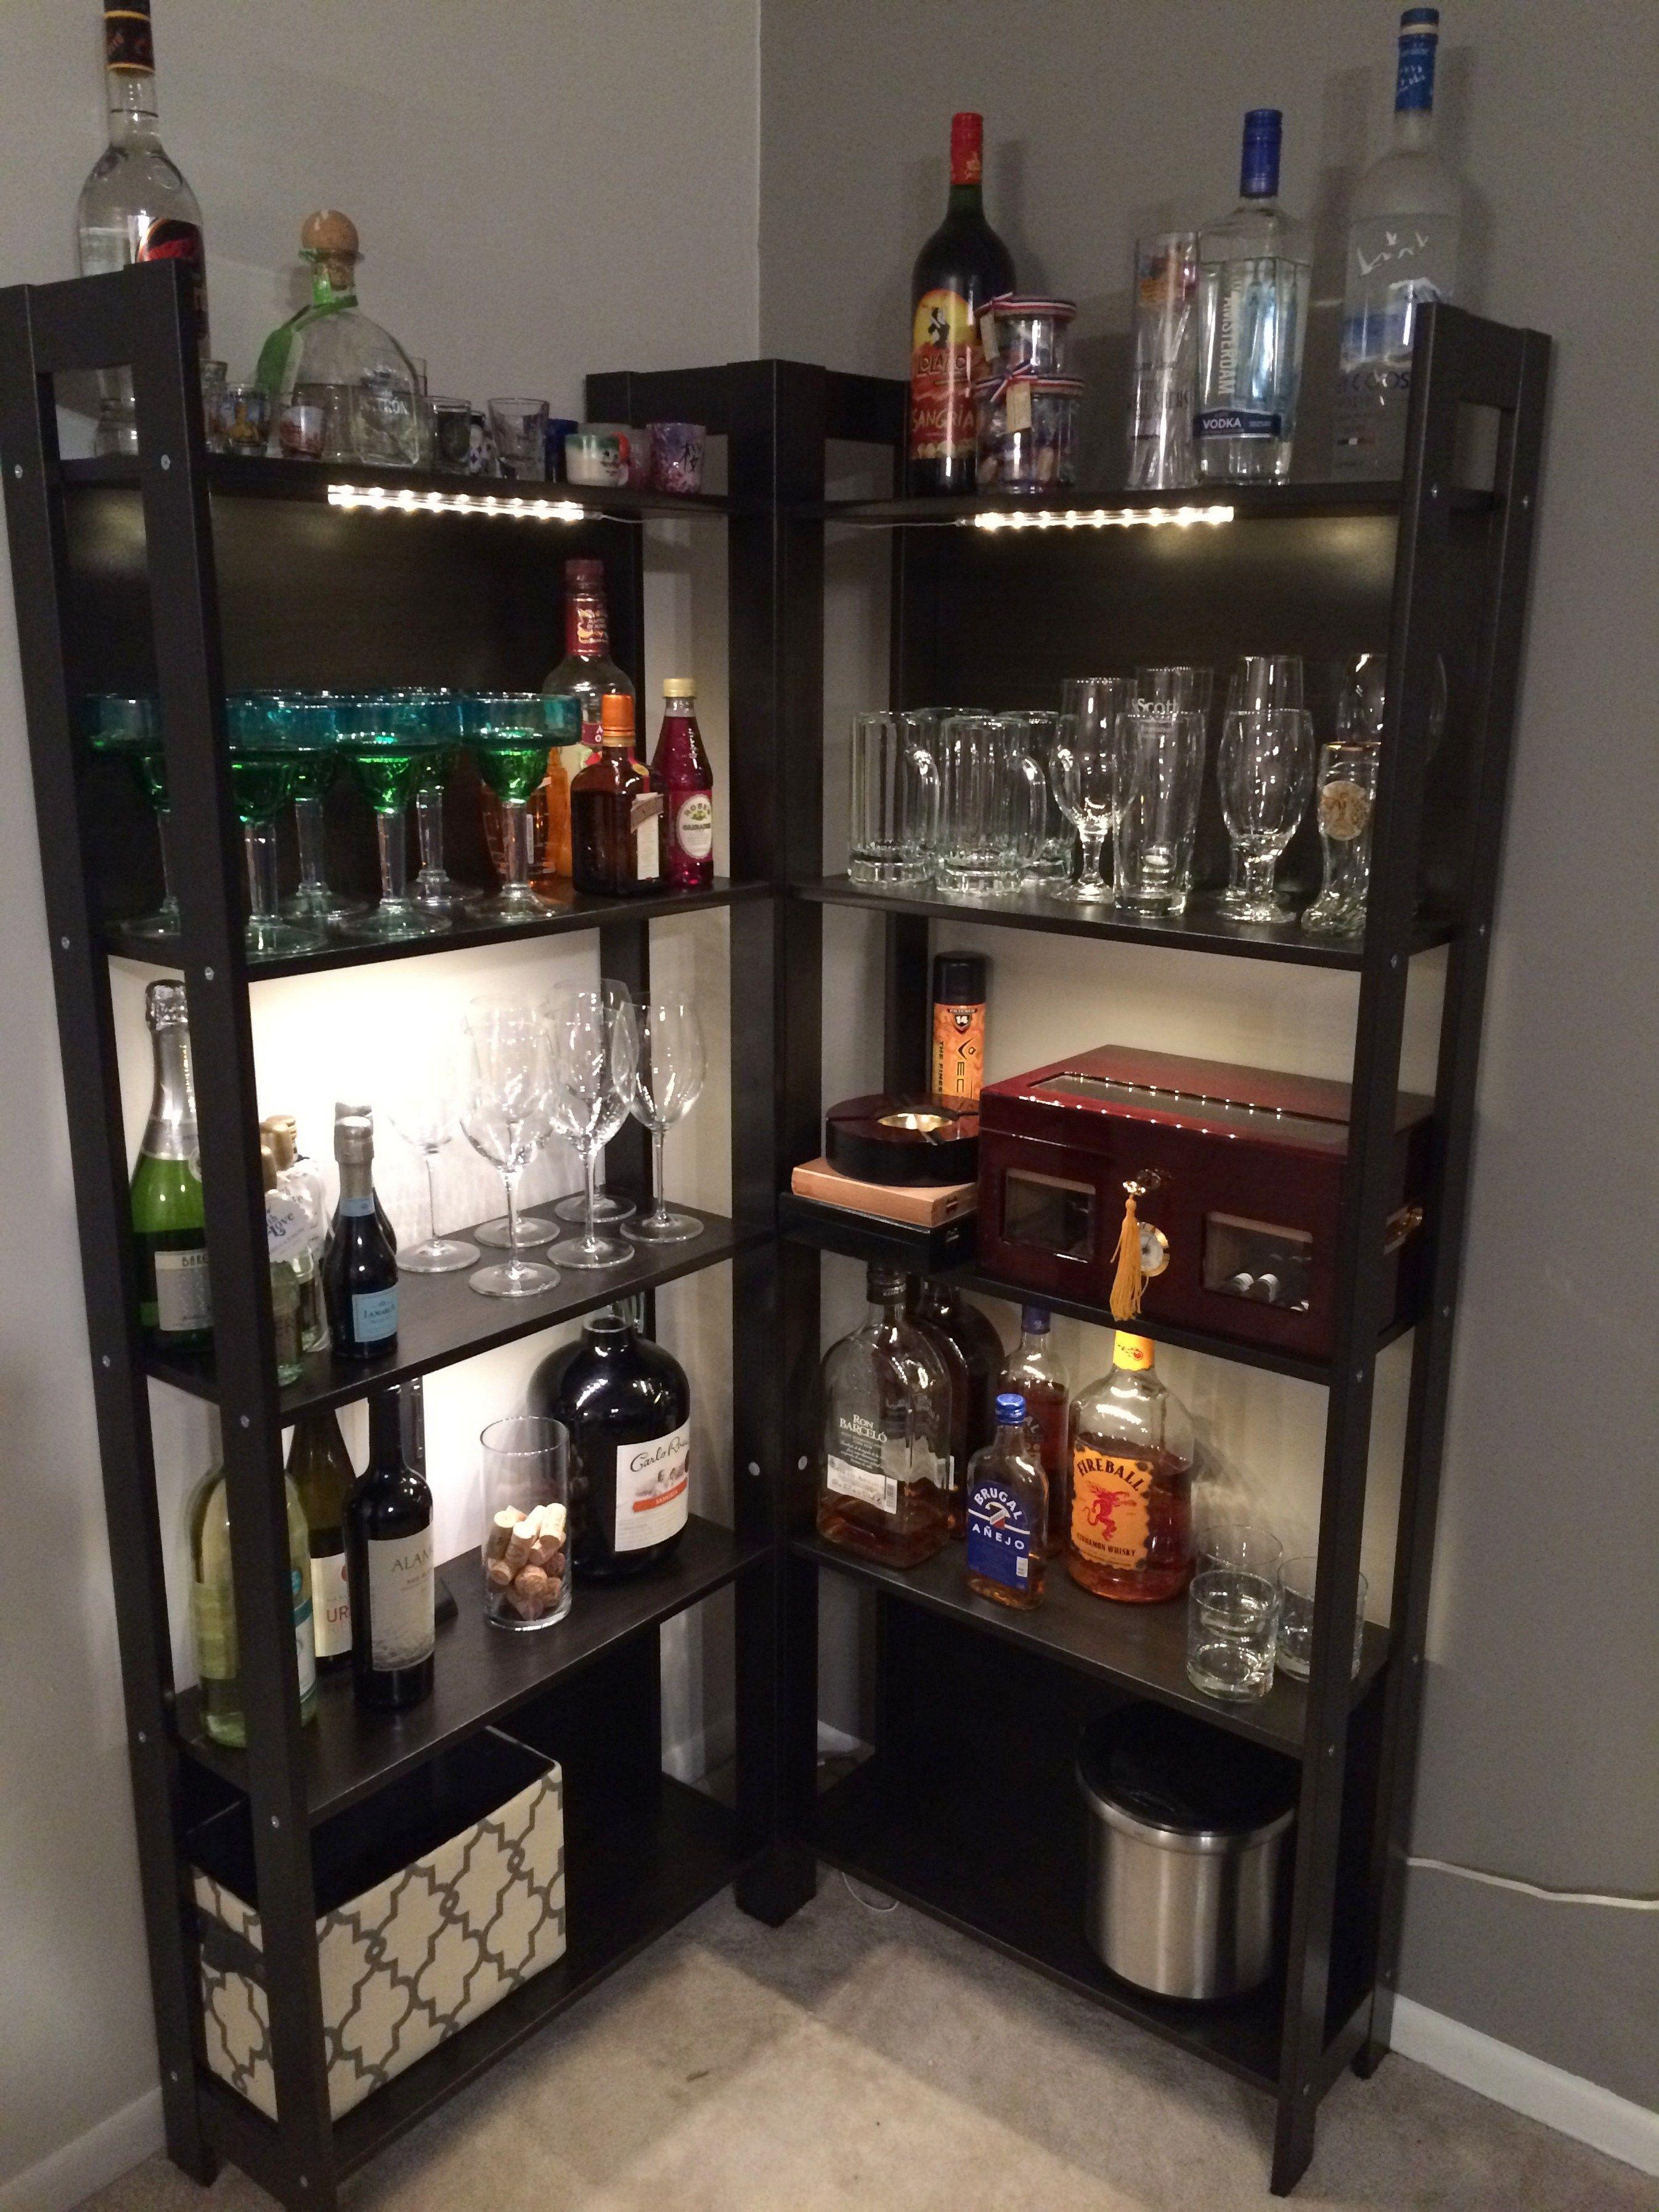 Diy bar cart designs and makeovers (13) | Diy bar cart, Diy bar and ...